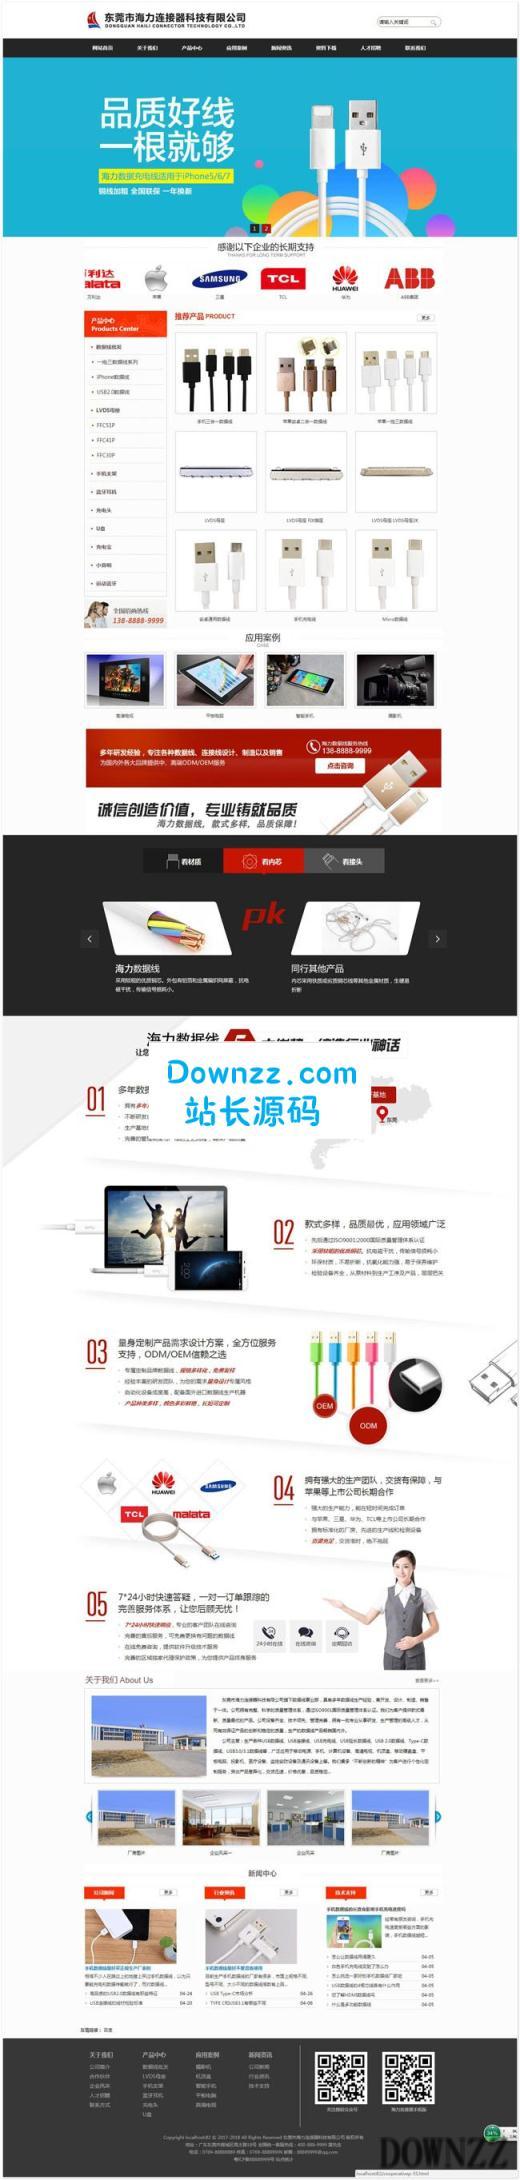 海利营销型企业网站源码(包括手机版)v2.0